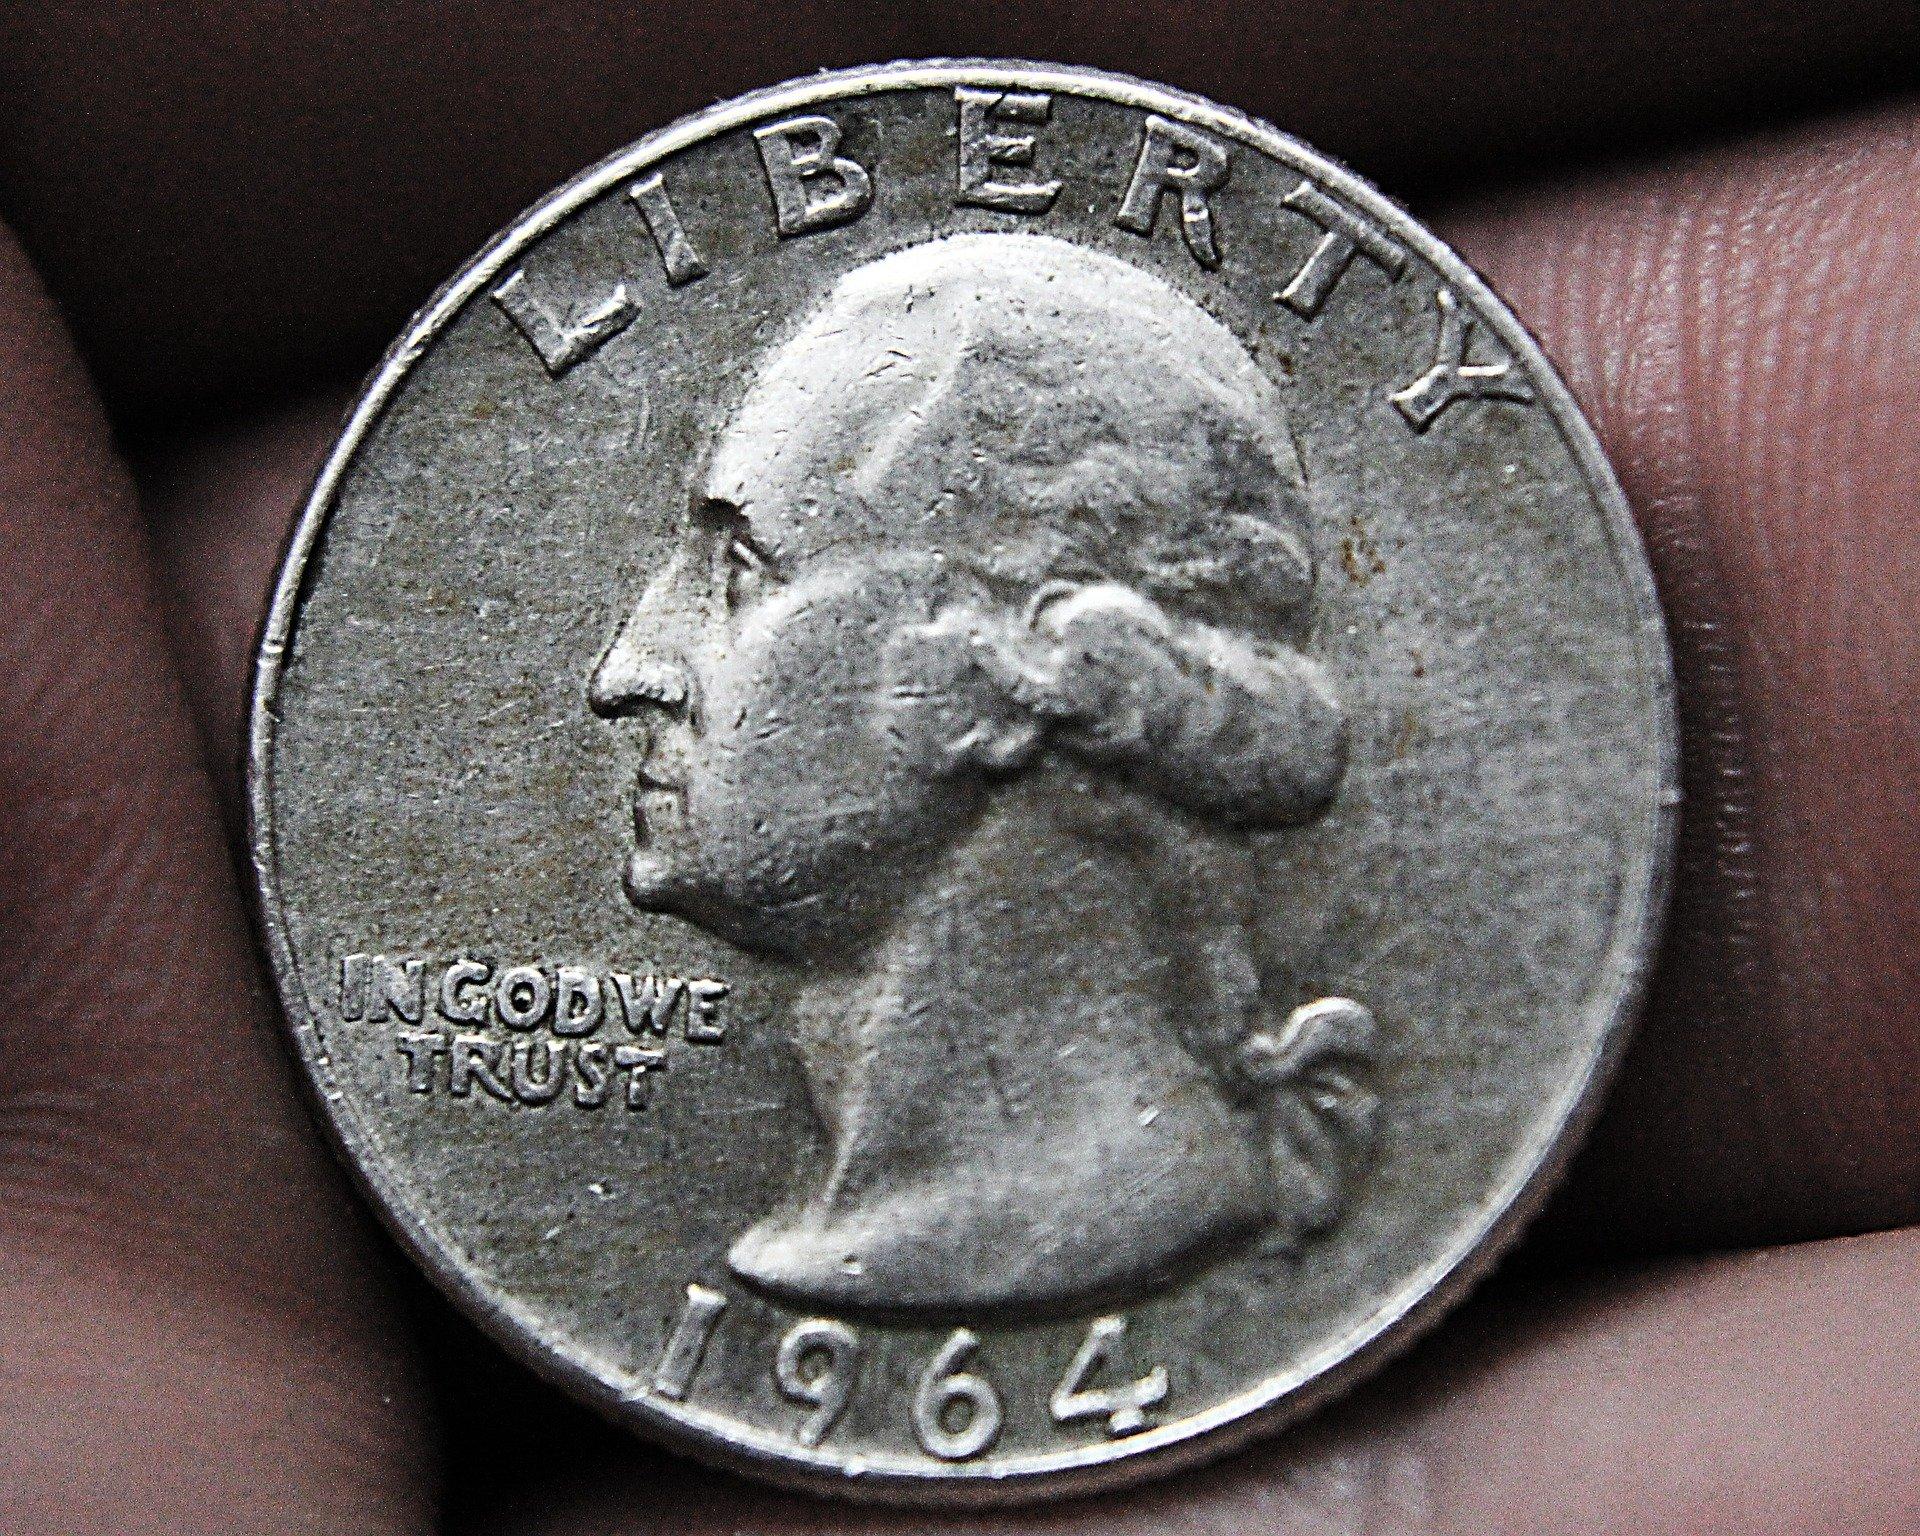 Moneta 25 centów USA z 1964 zawierała aż 90 procent srebra. Jest to świetna metoda na zbieranie fizycznego srebra.